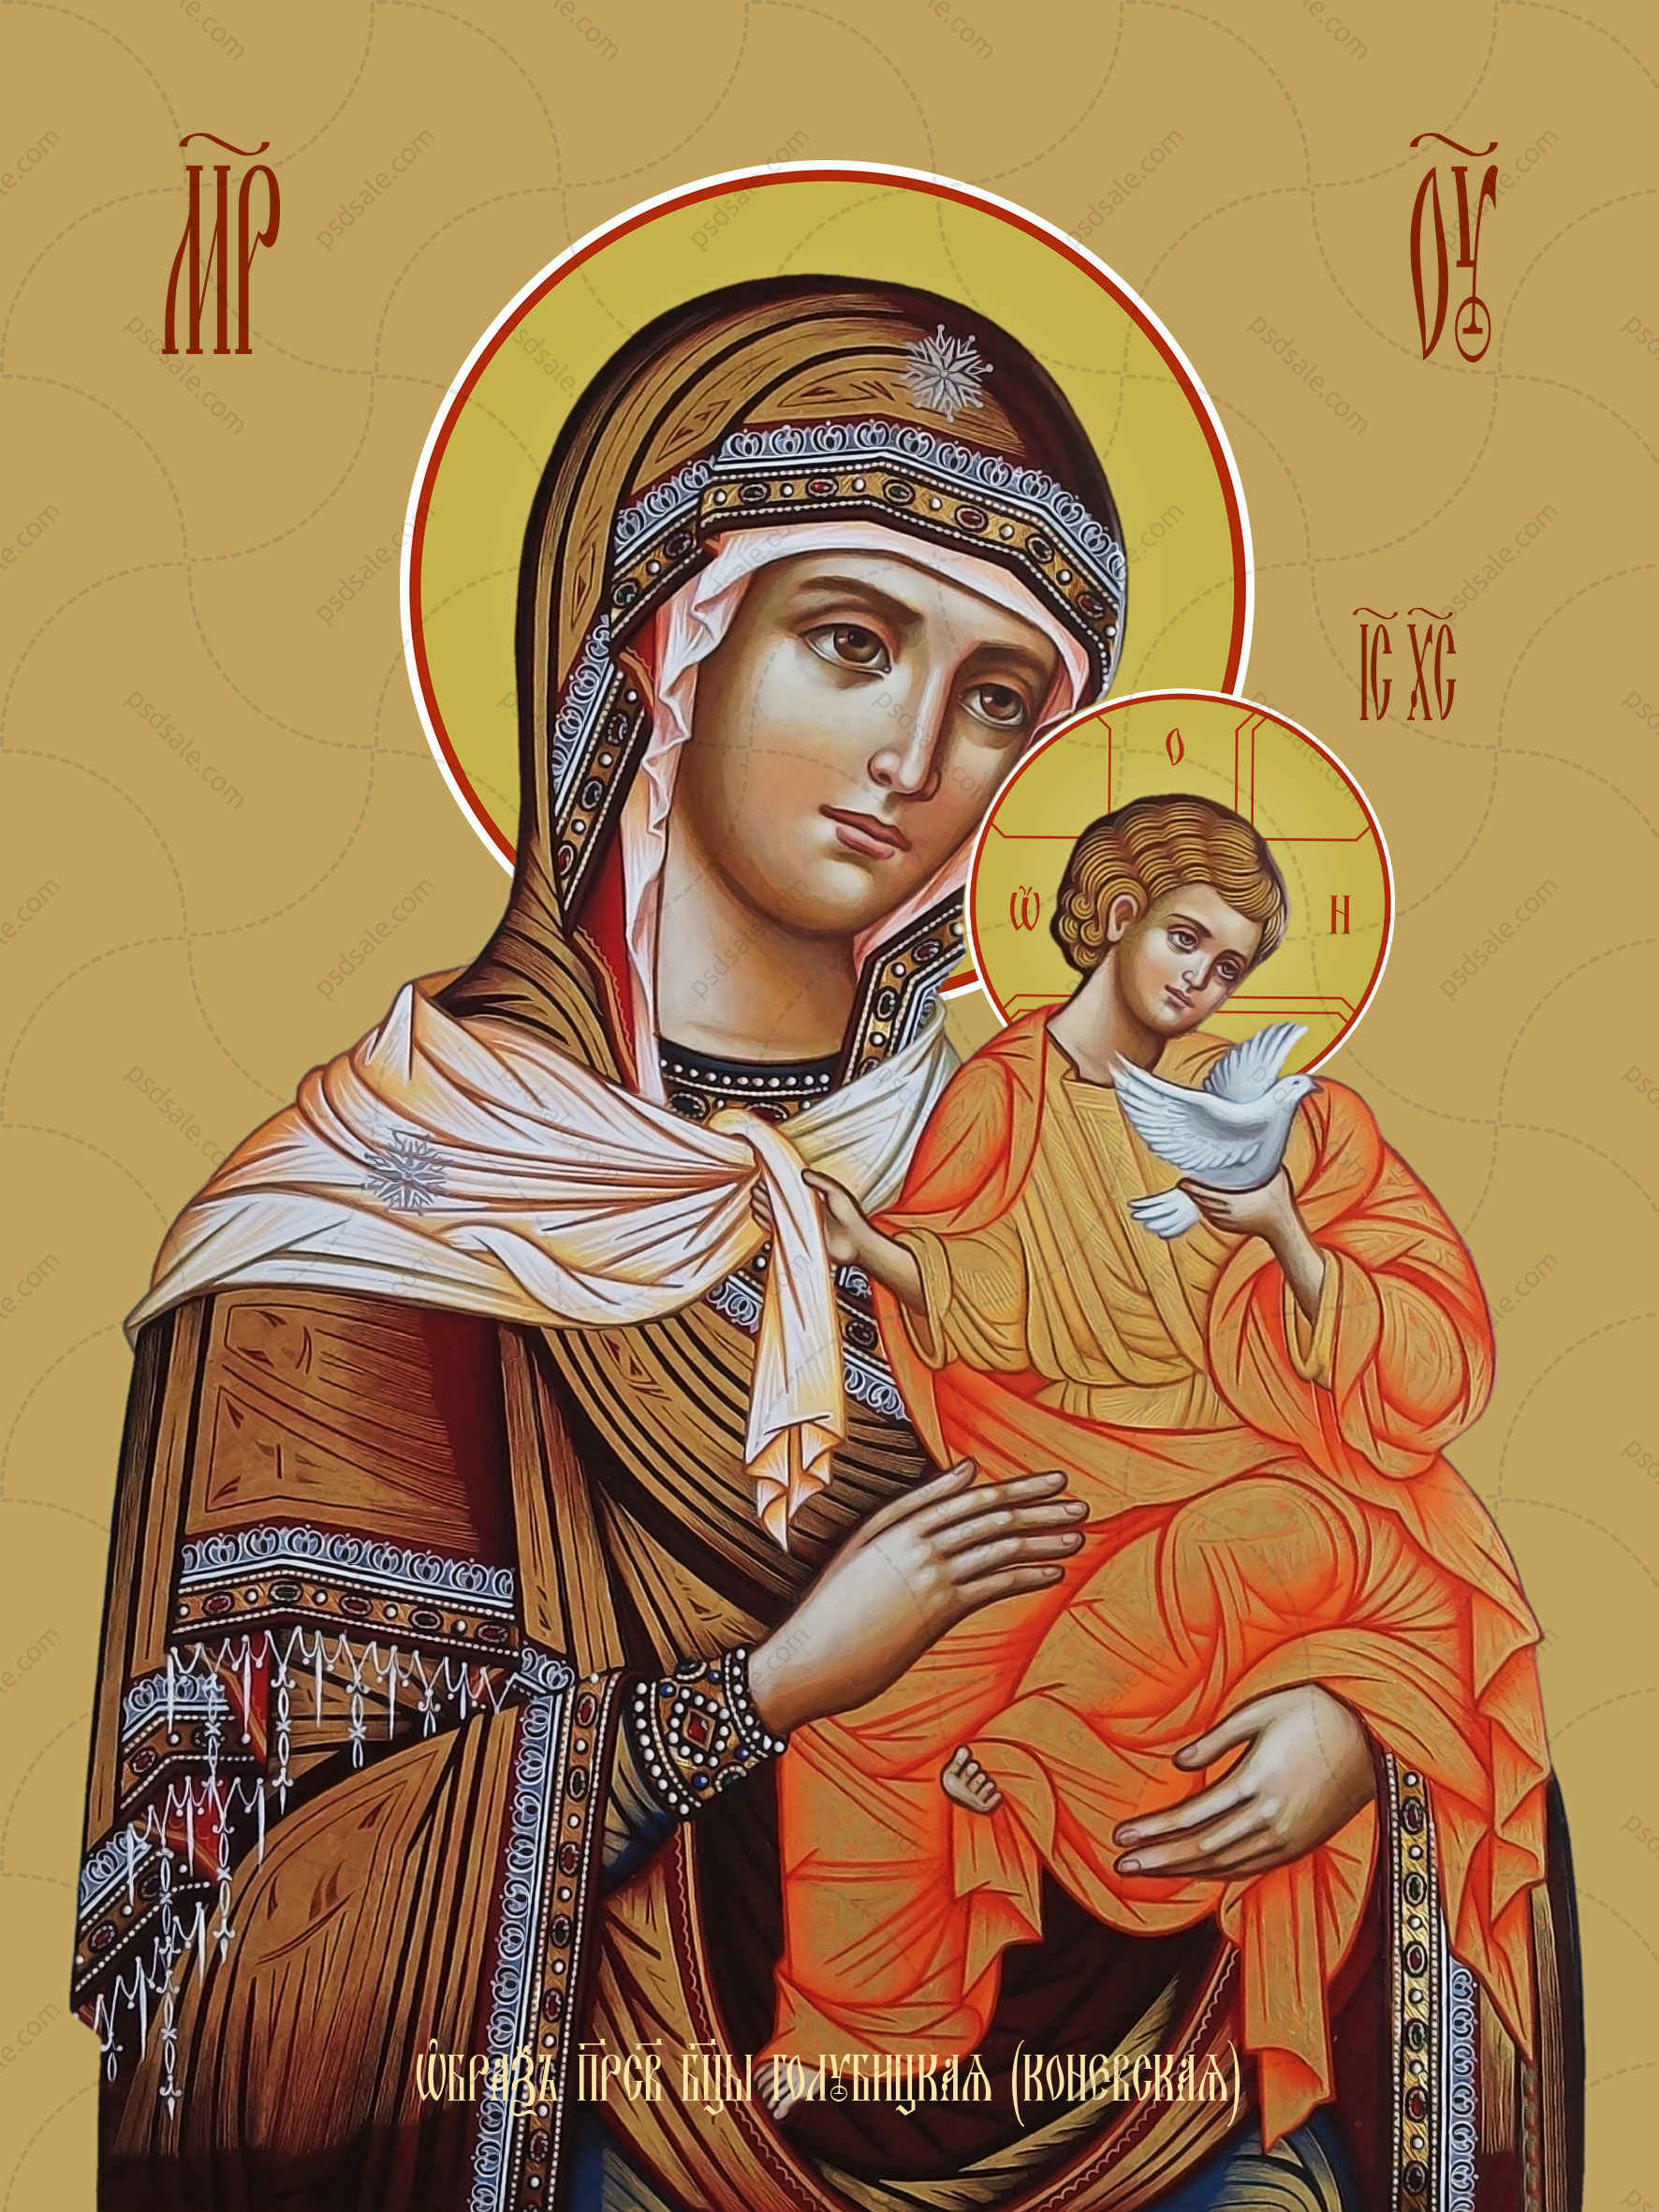 Коневская икона божьей матери